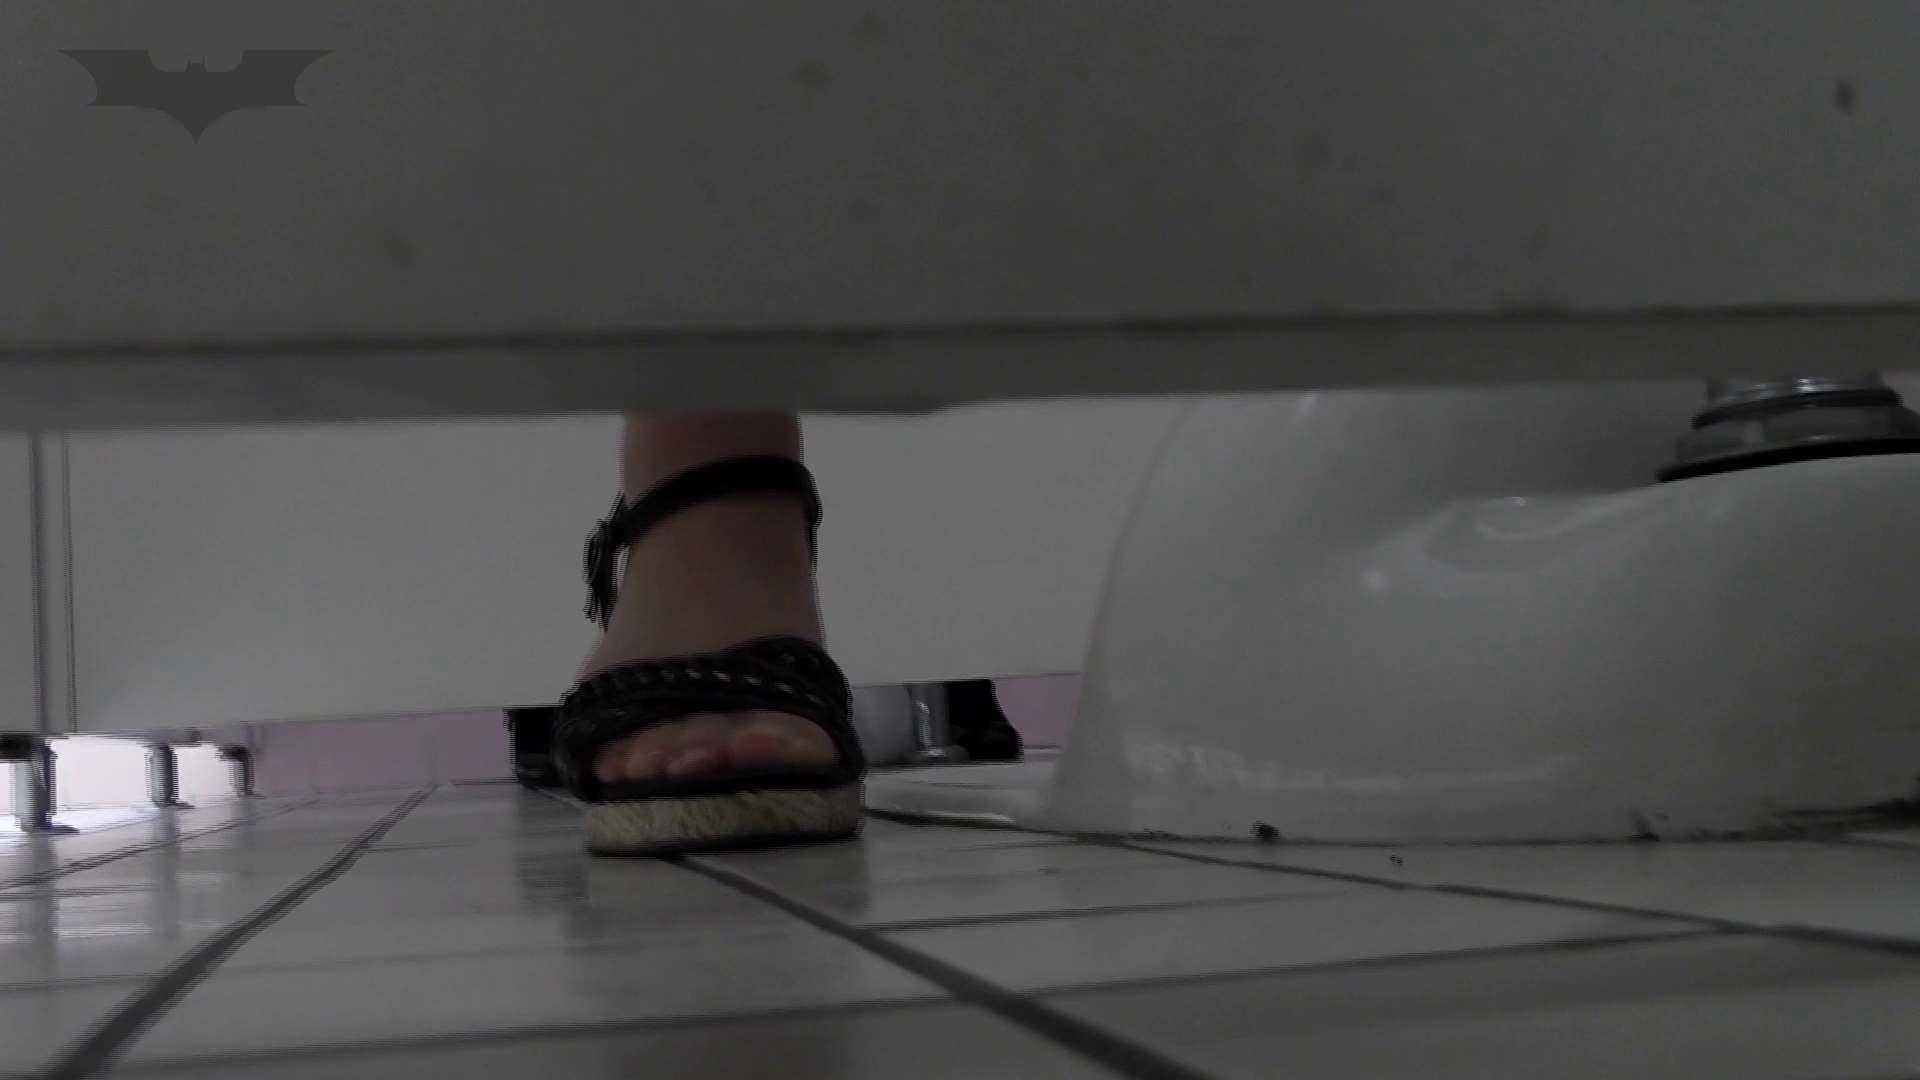 美しい日本の未来 No.36 進歩3連続作戦【2015・28位】 盗撮エロすぎ | おまんこ無修正  28連発 23